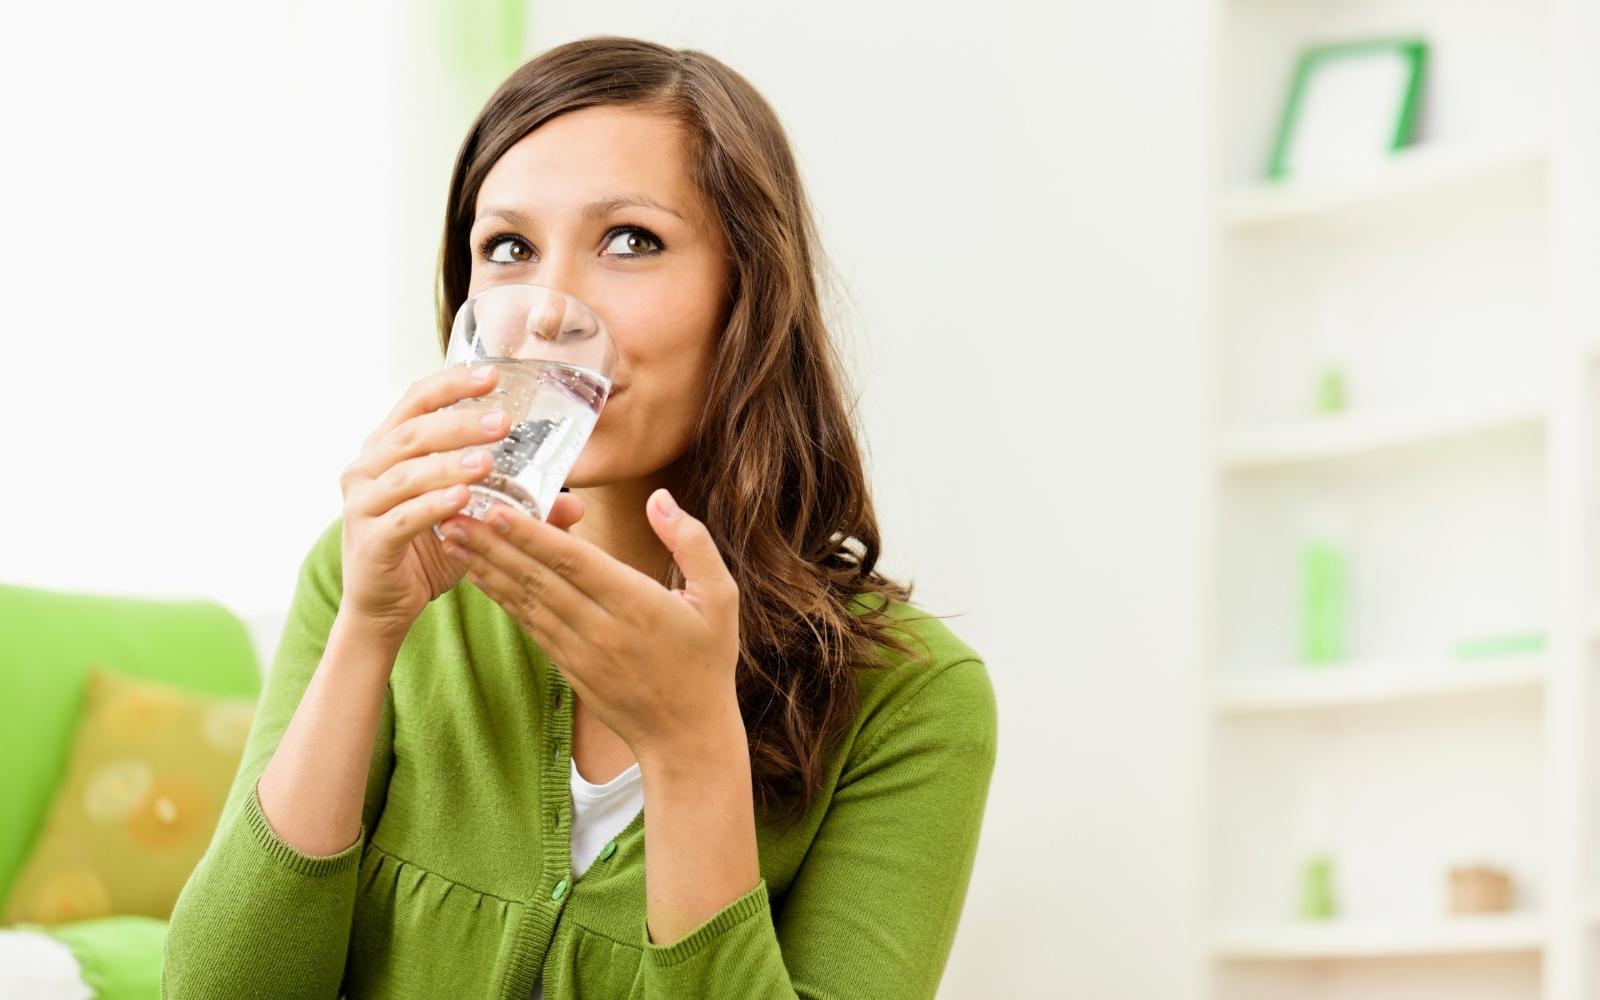 Você acha que existe hora certa para beber água?